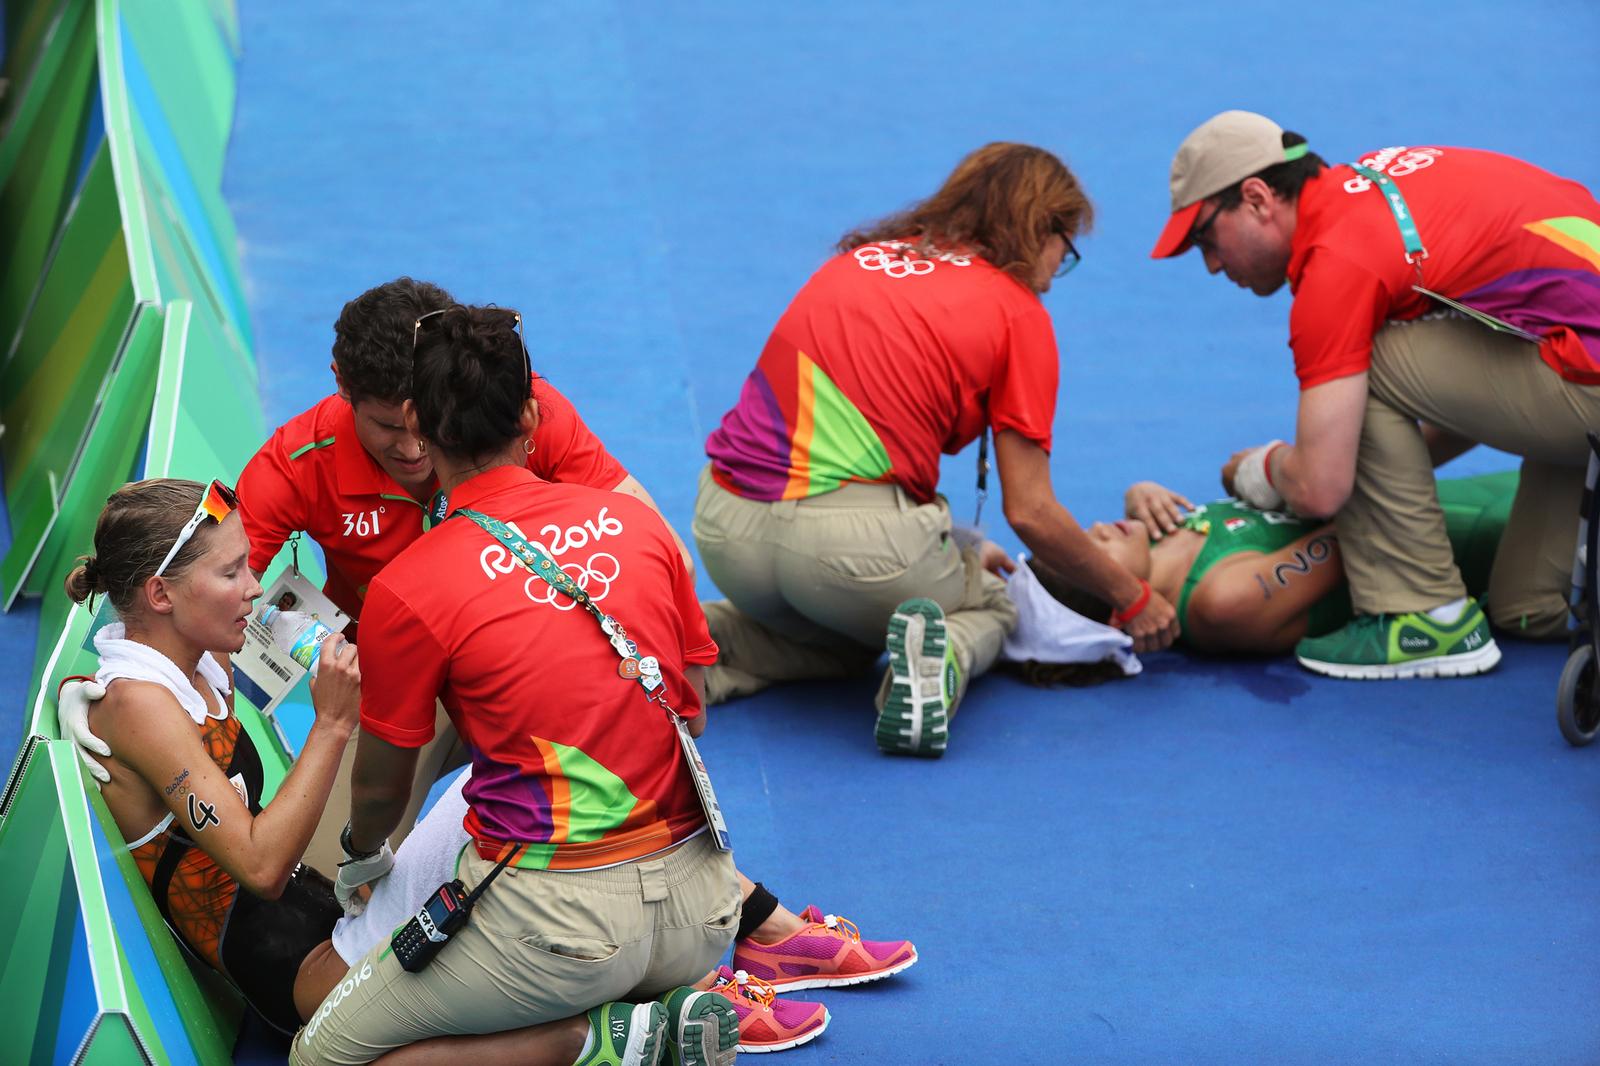 Медики оказывают помощь финишировавшим триатлонистам